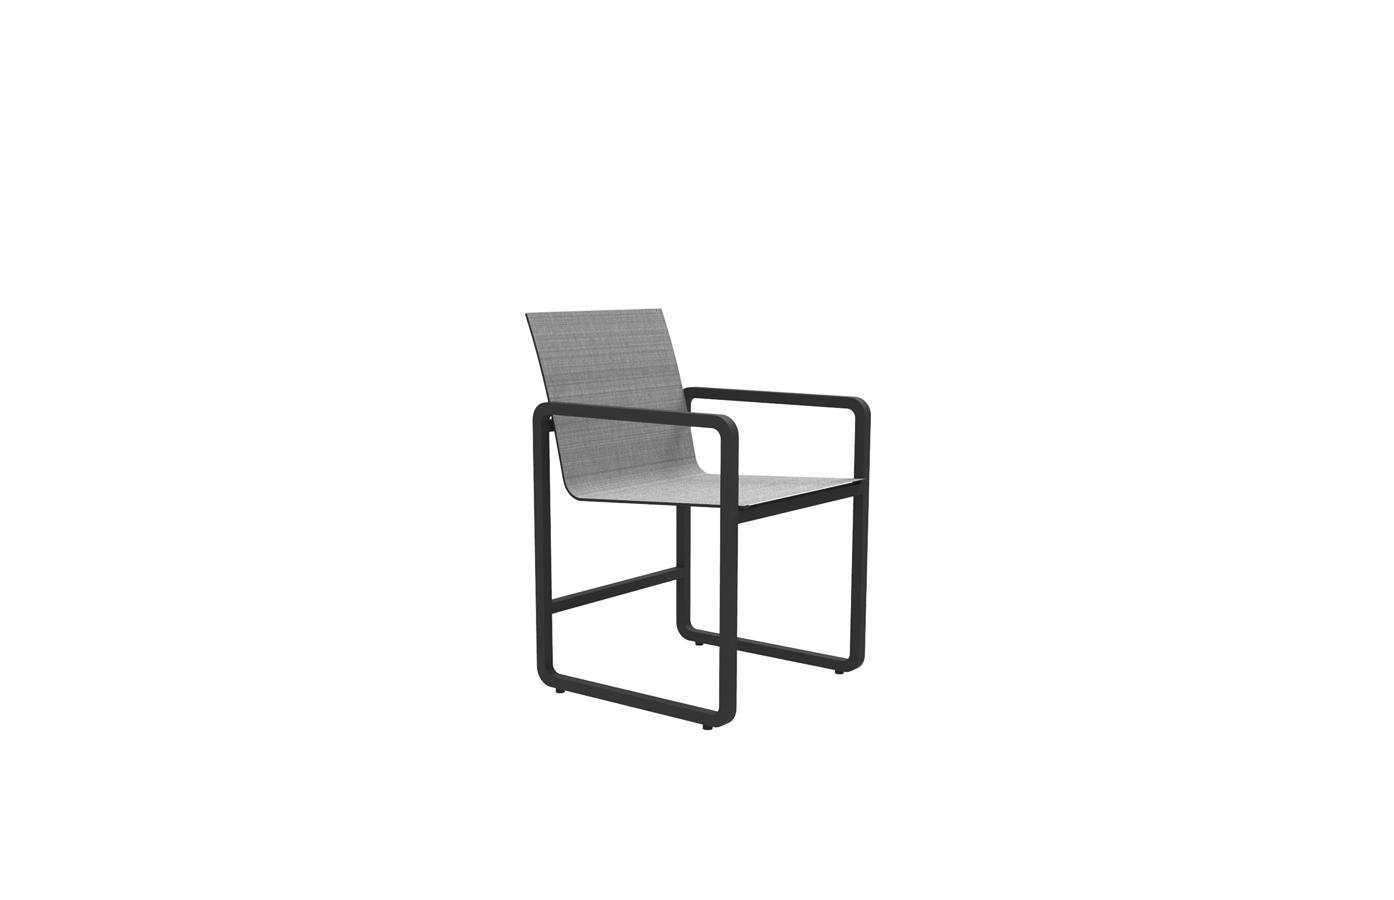 Family Box Chair